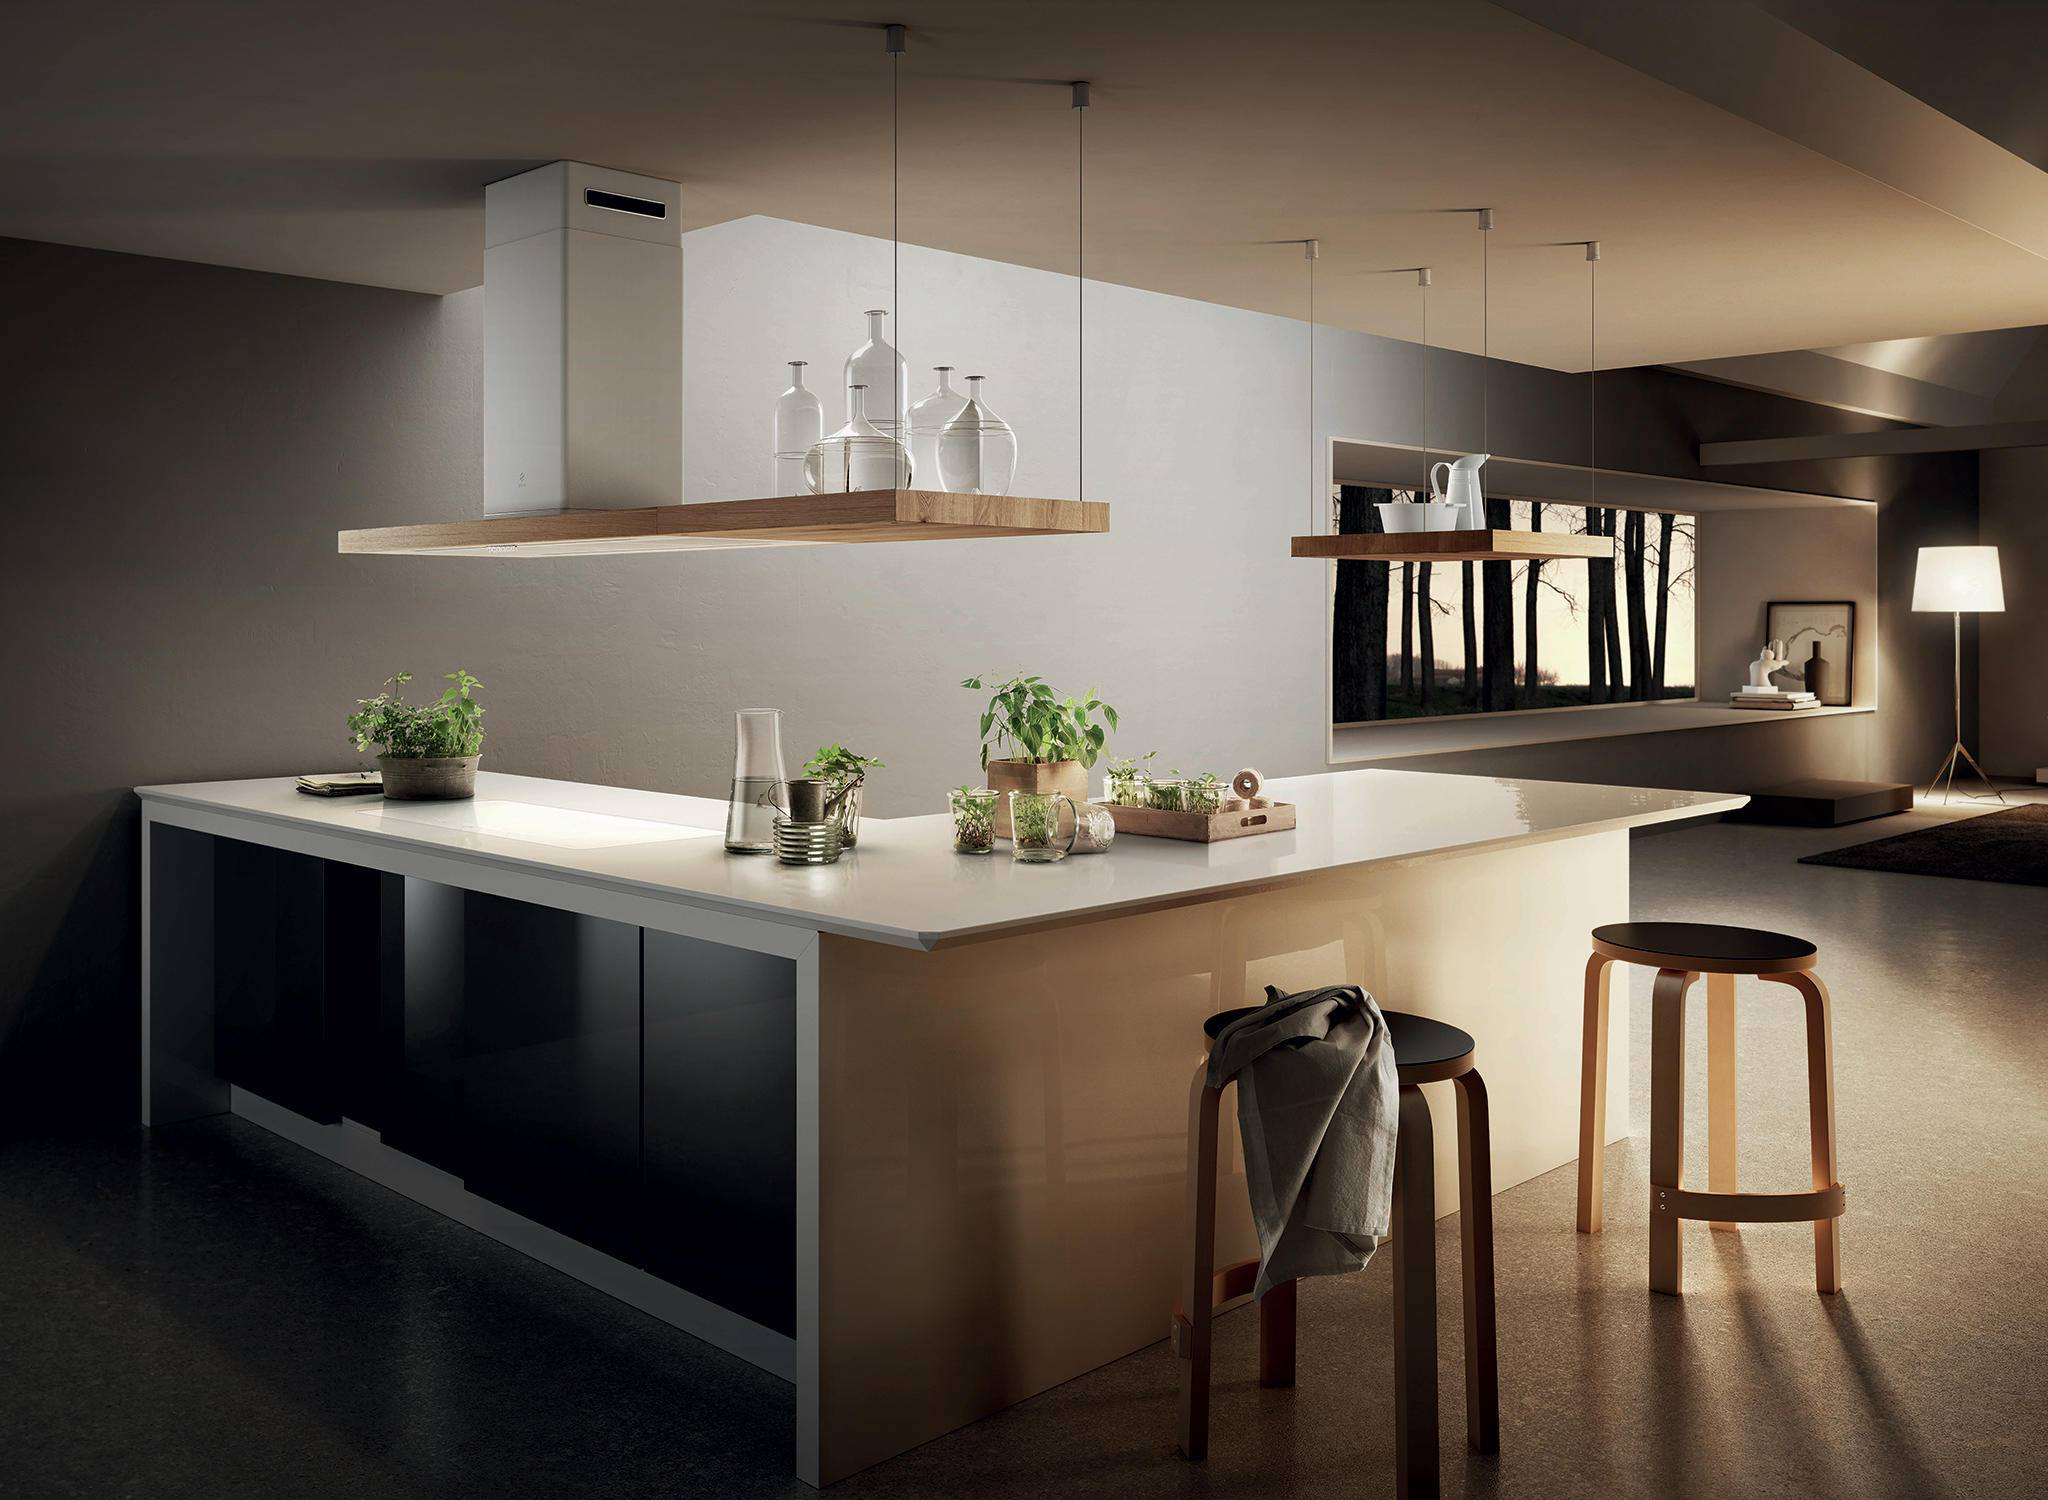 elica-campanas-ambientes-de-diseno-cocinas-con-diseno-unico-muebles-de-cocina-antalia-cocinas-proyecto-de-cocina-cocinas-de-diseno-exclusivo-7